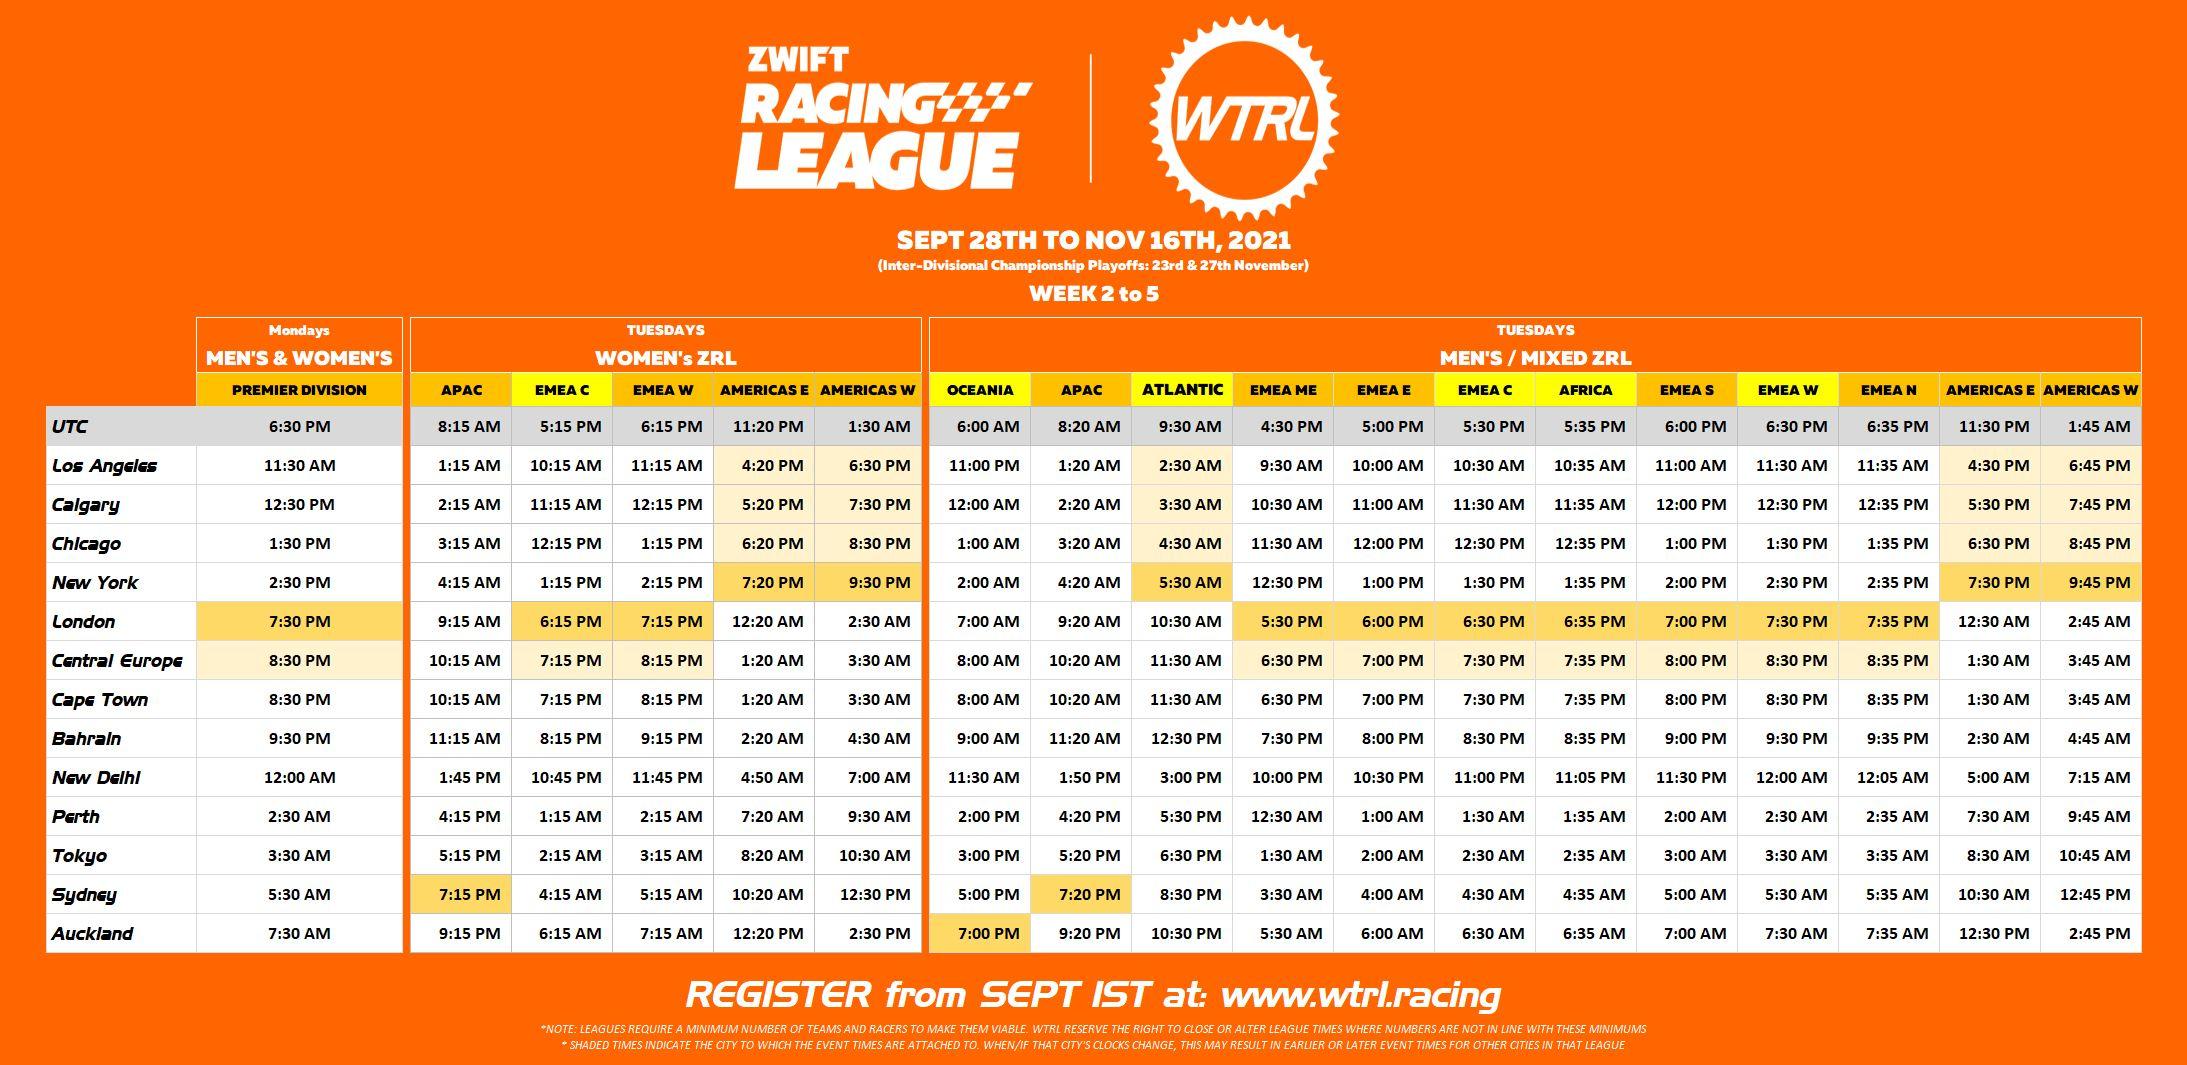 Zwift Racing League - Week 2 to 5 Race Times